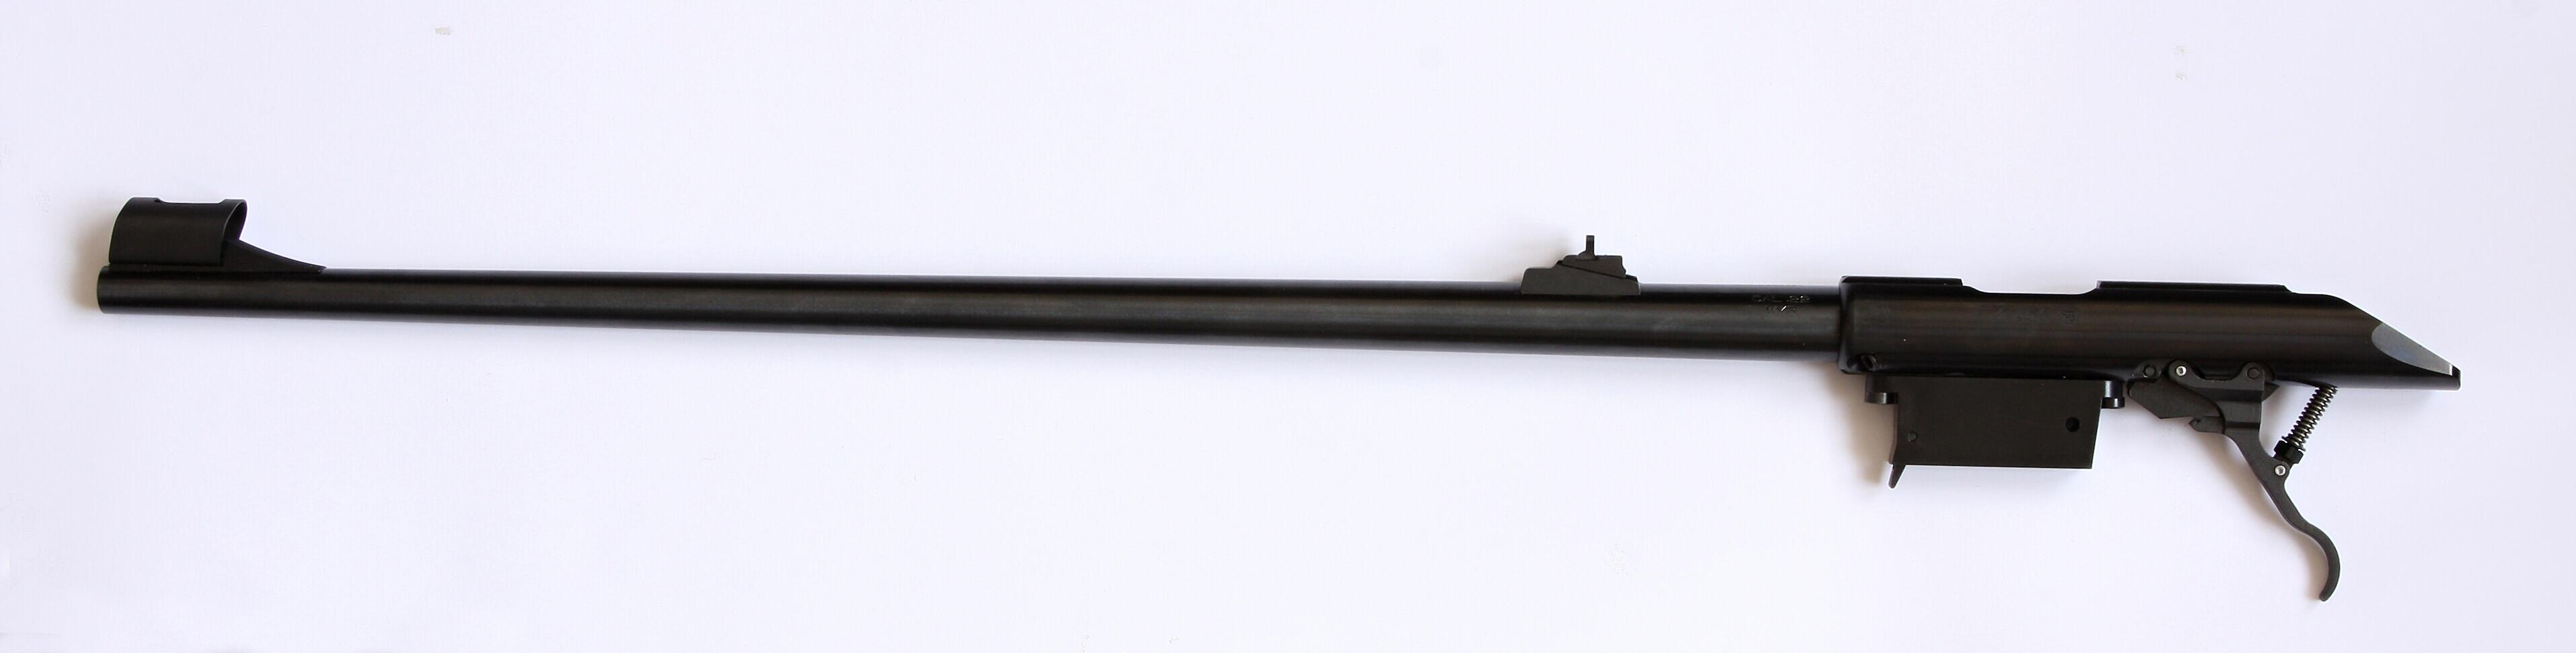 Pouzdro závěru s hlavní, zásobníkovou šachtou a spoušťovým  mechanismem.